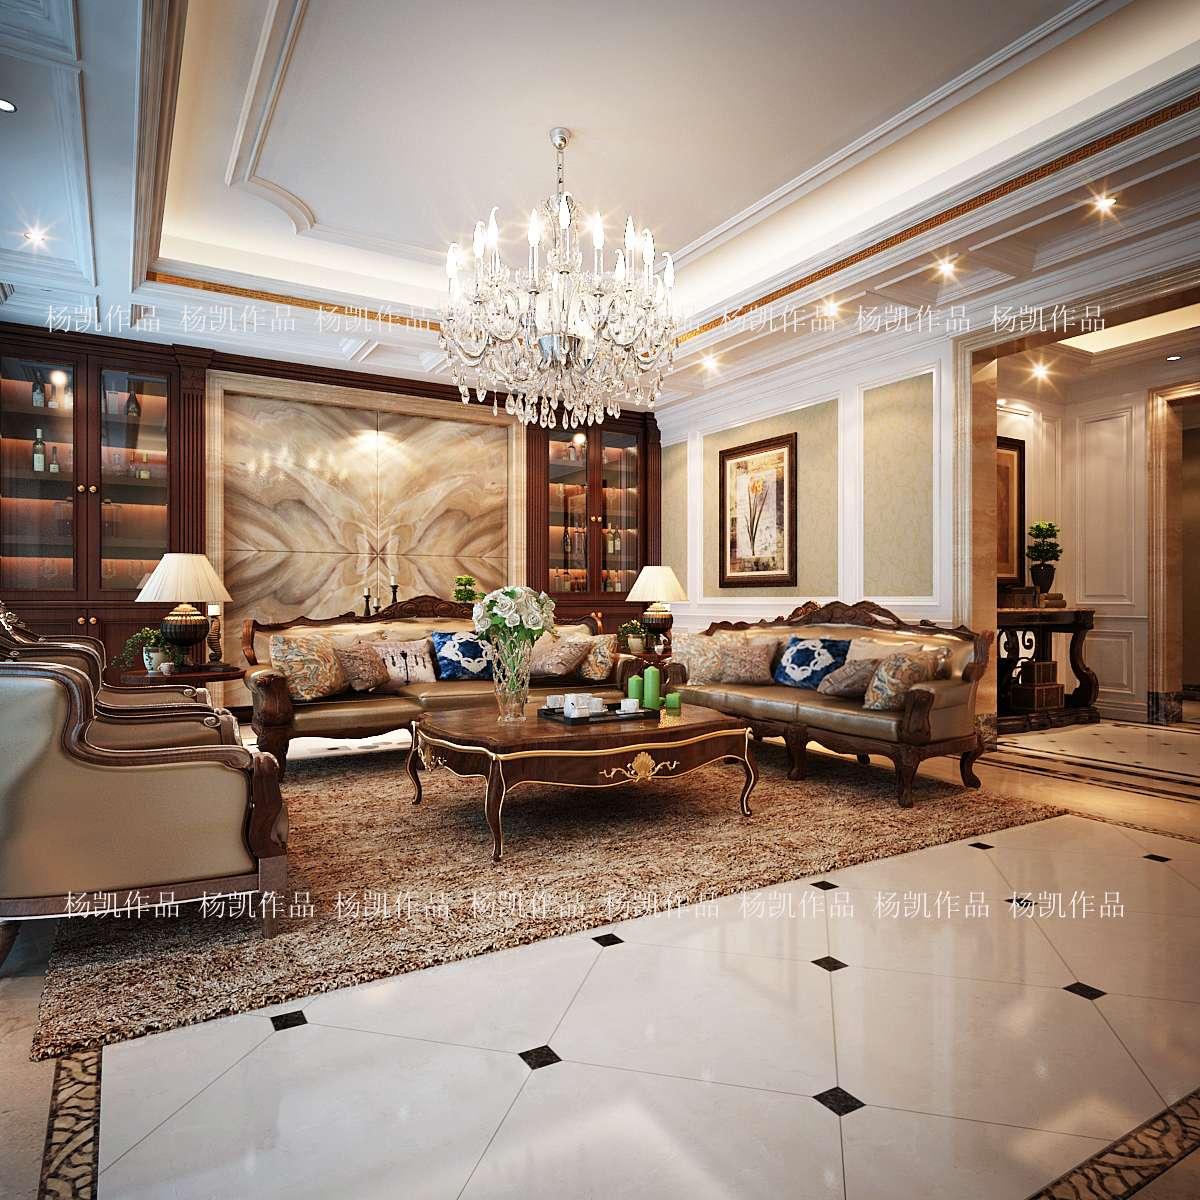 欧式的居室有的不只是豪华大气,更多的是意境和浪漫。通过完美的曲线,精益求精的细节处理,带给家人不尽的舒适触感,实际上和谐是欧式风格的最高境界